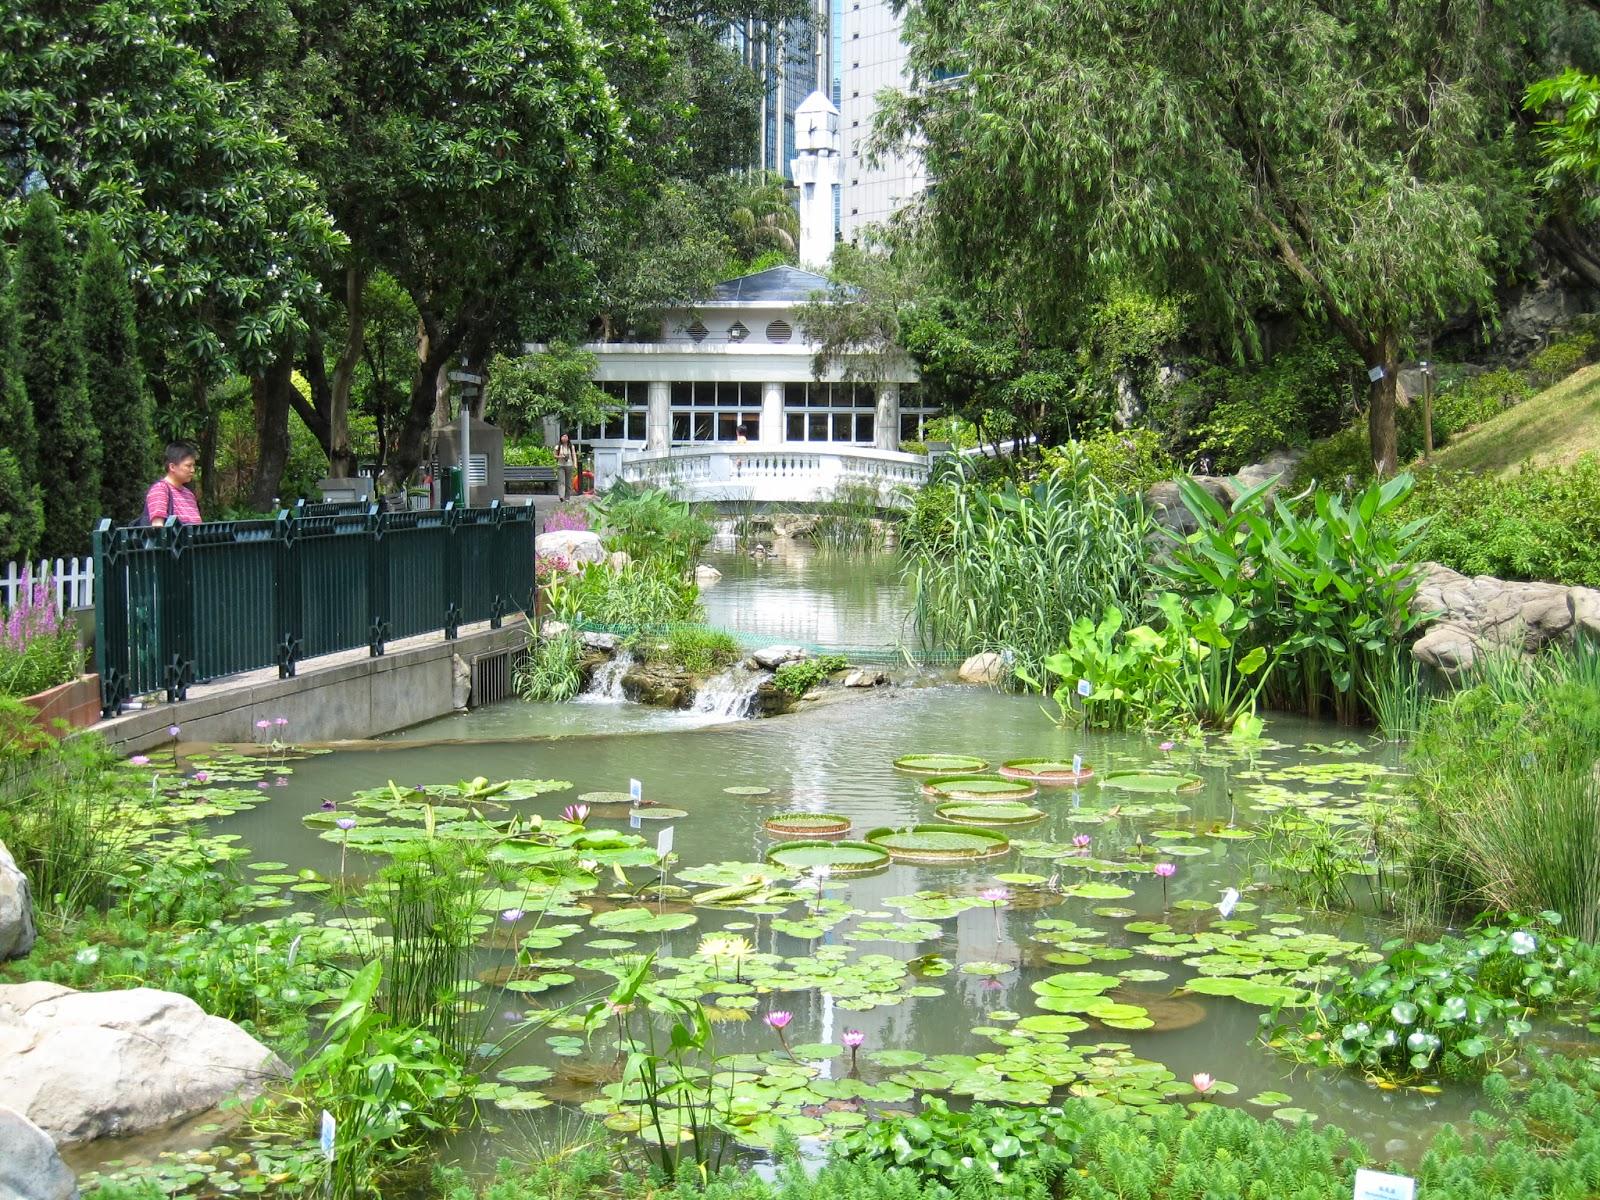 隨影: 070623香港公園內的荷花池